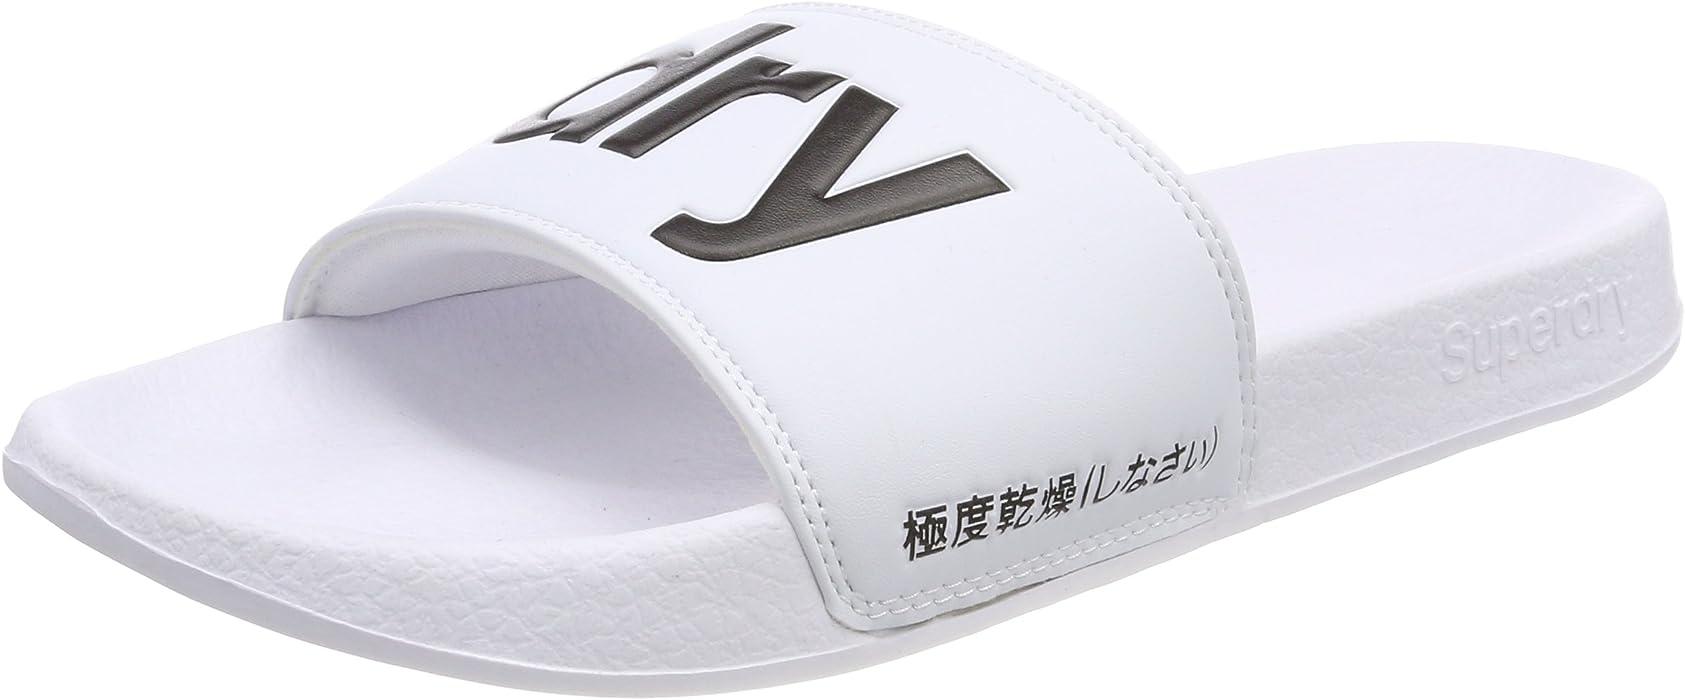 99aea7159b5925 Amazon.com  Superdry Pool Slide Mens Sandals White  Clothing